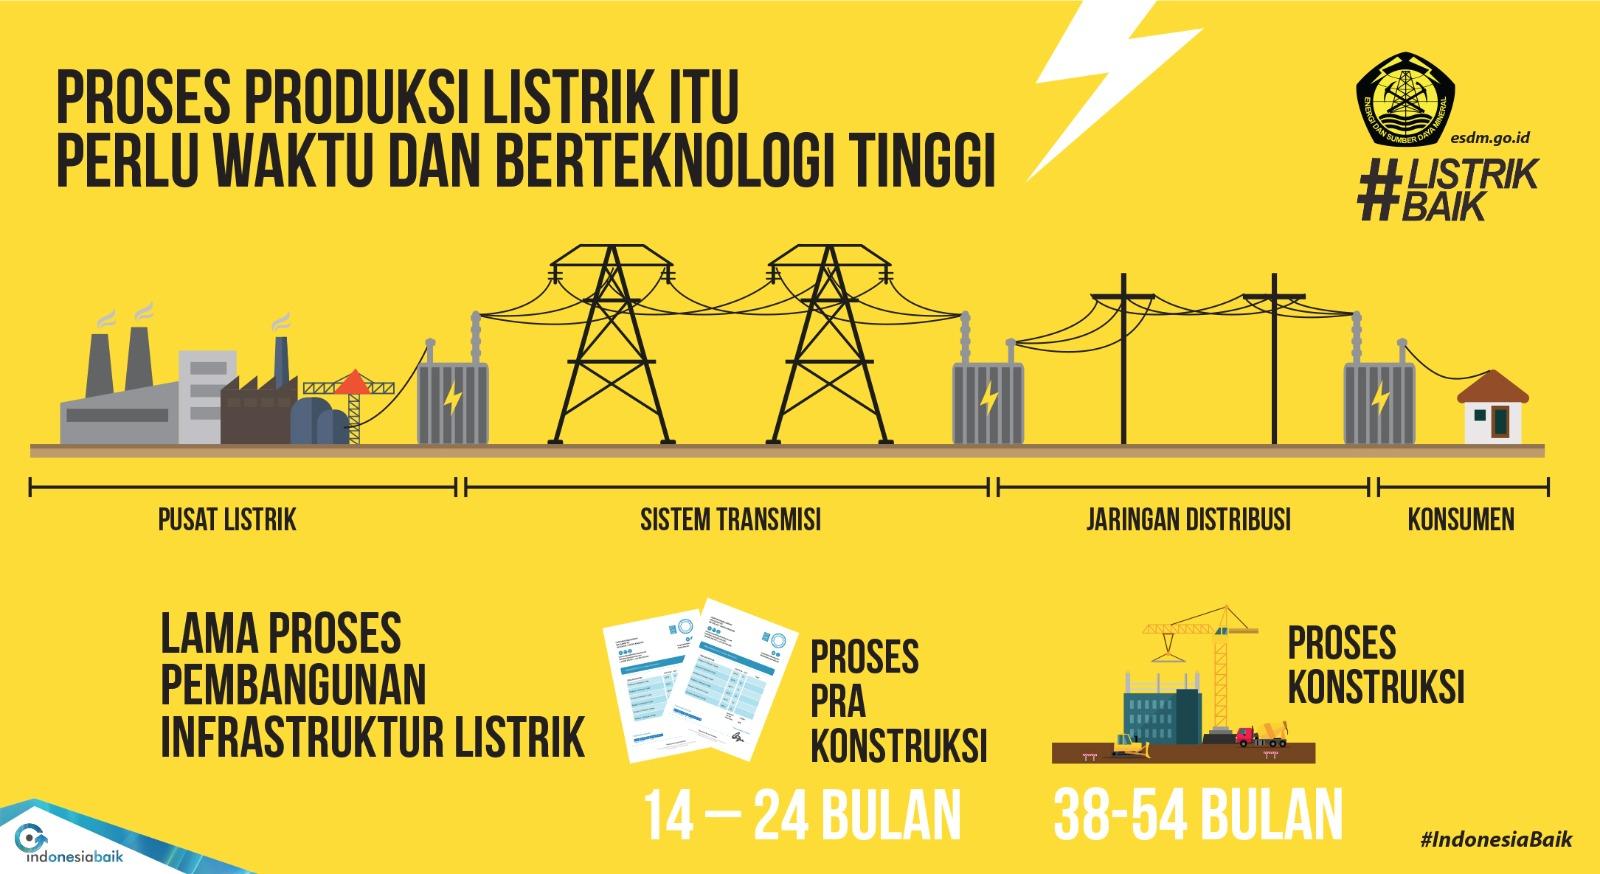 Alur produksi daya listrik bertekanan tinggi di Indonesia